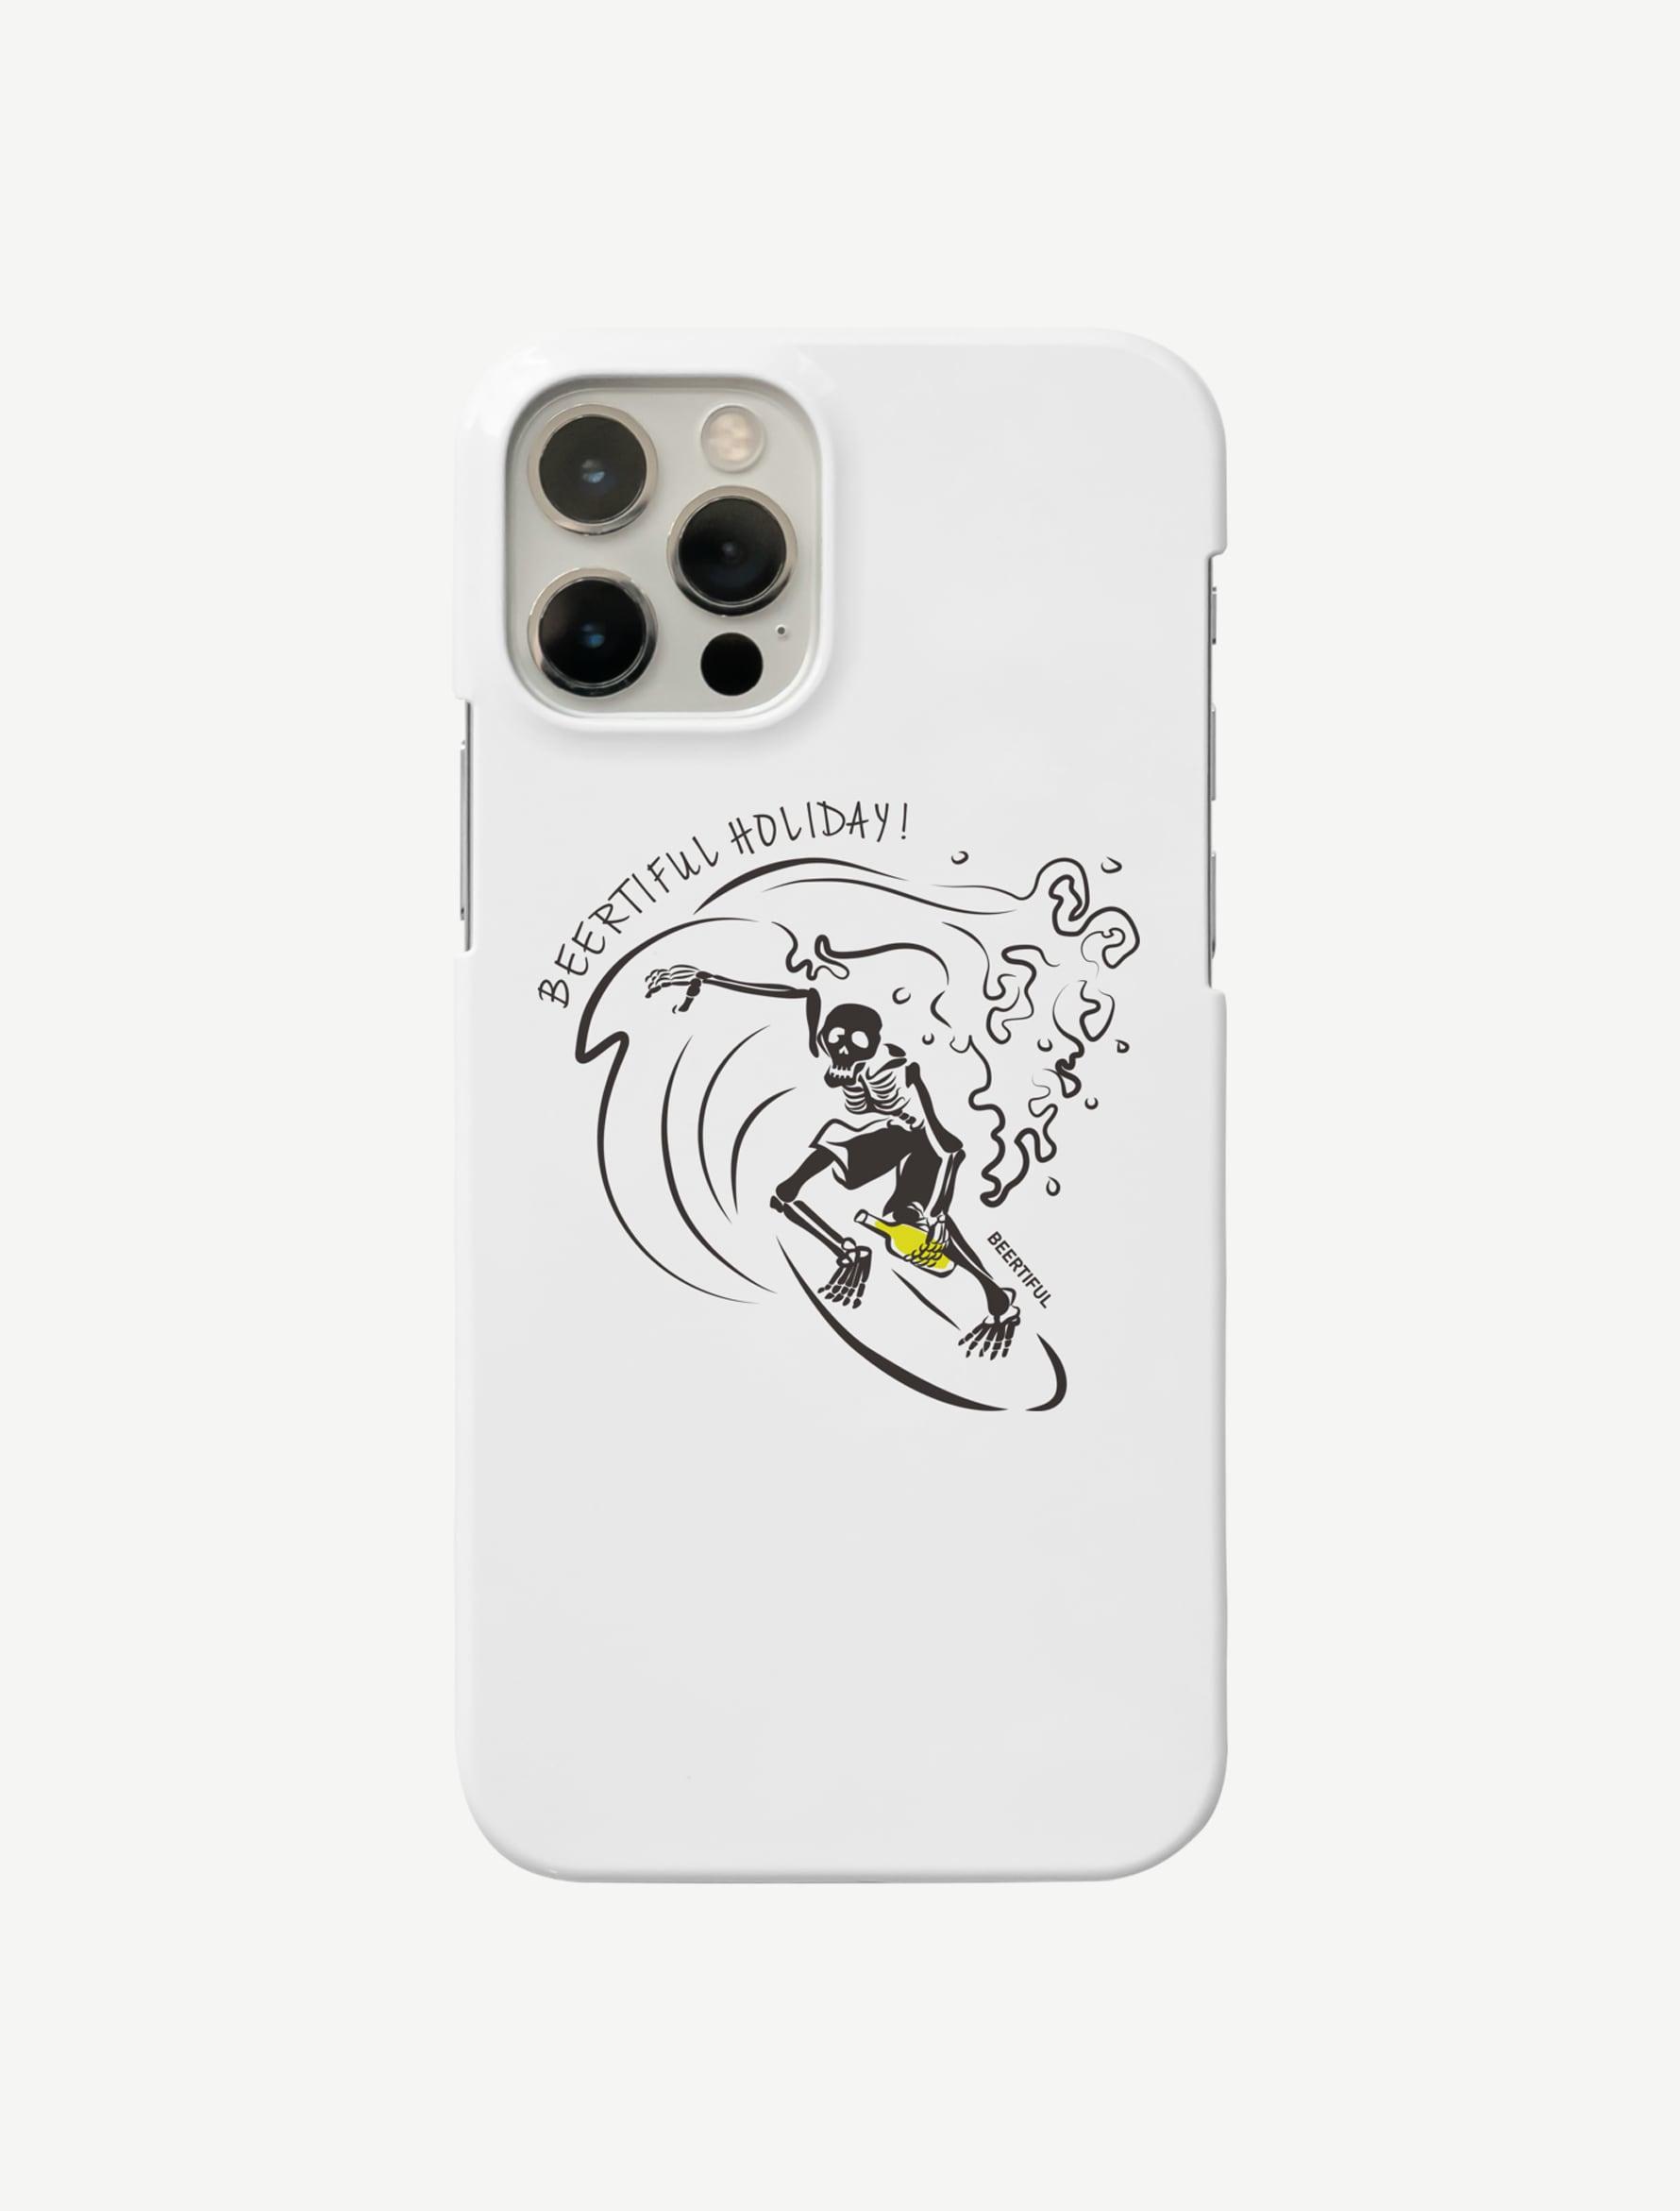 【サーフィンガイコツ】iphoneケース(スマホケース)